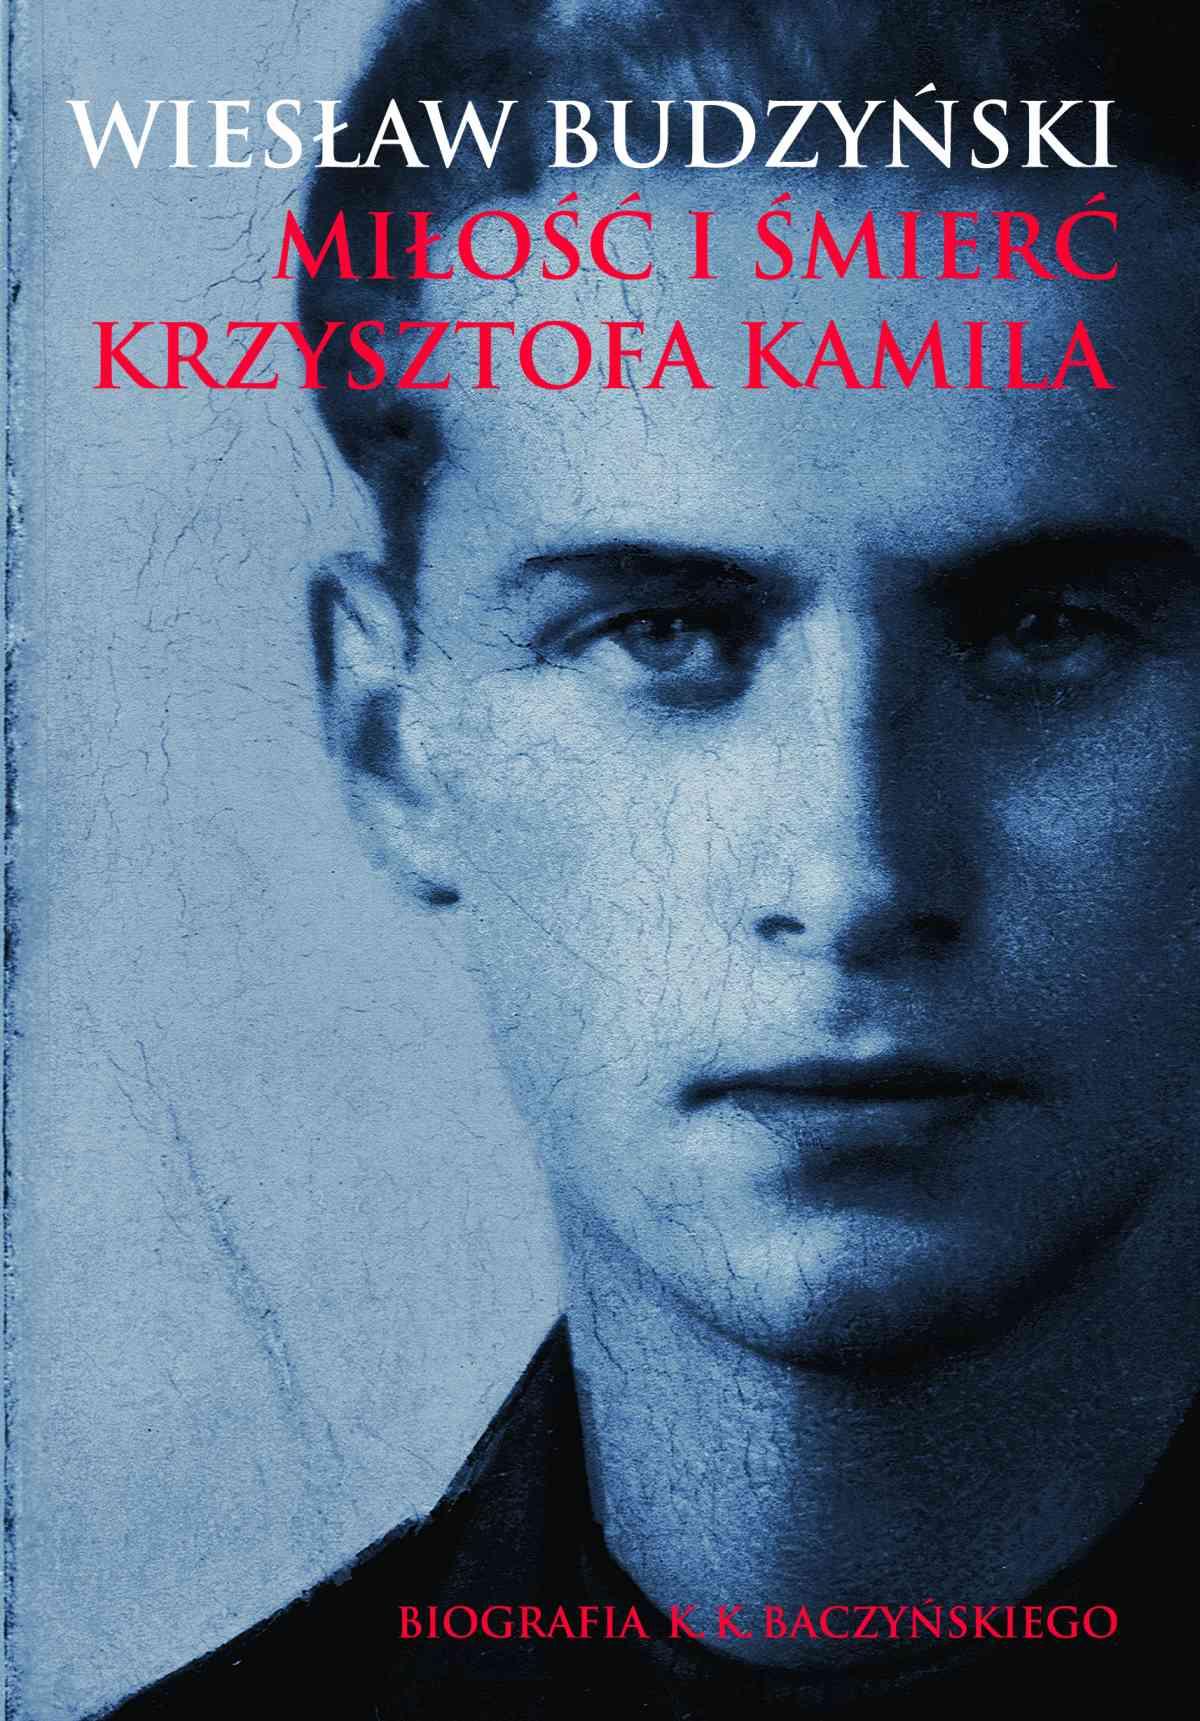 Miłość i śmierć Krzysztofa Kamila - Ebook (Książka EPUB) do pobrania w formacie EPUB